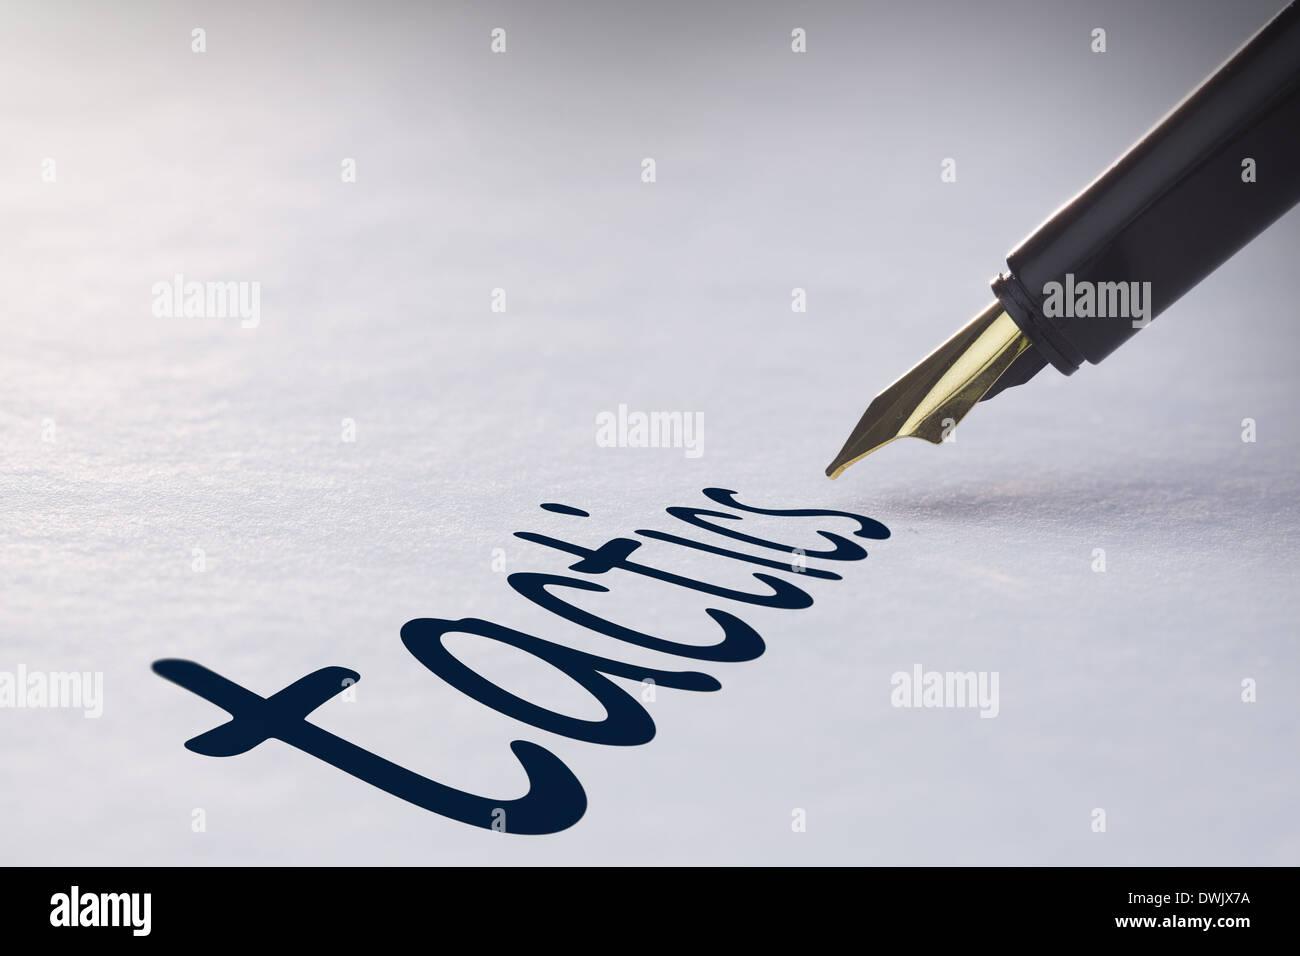 Fountain pen writing Tactics - Stock Image